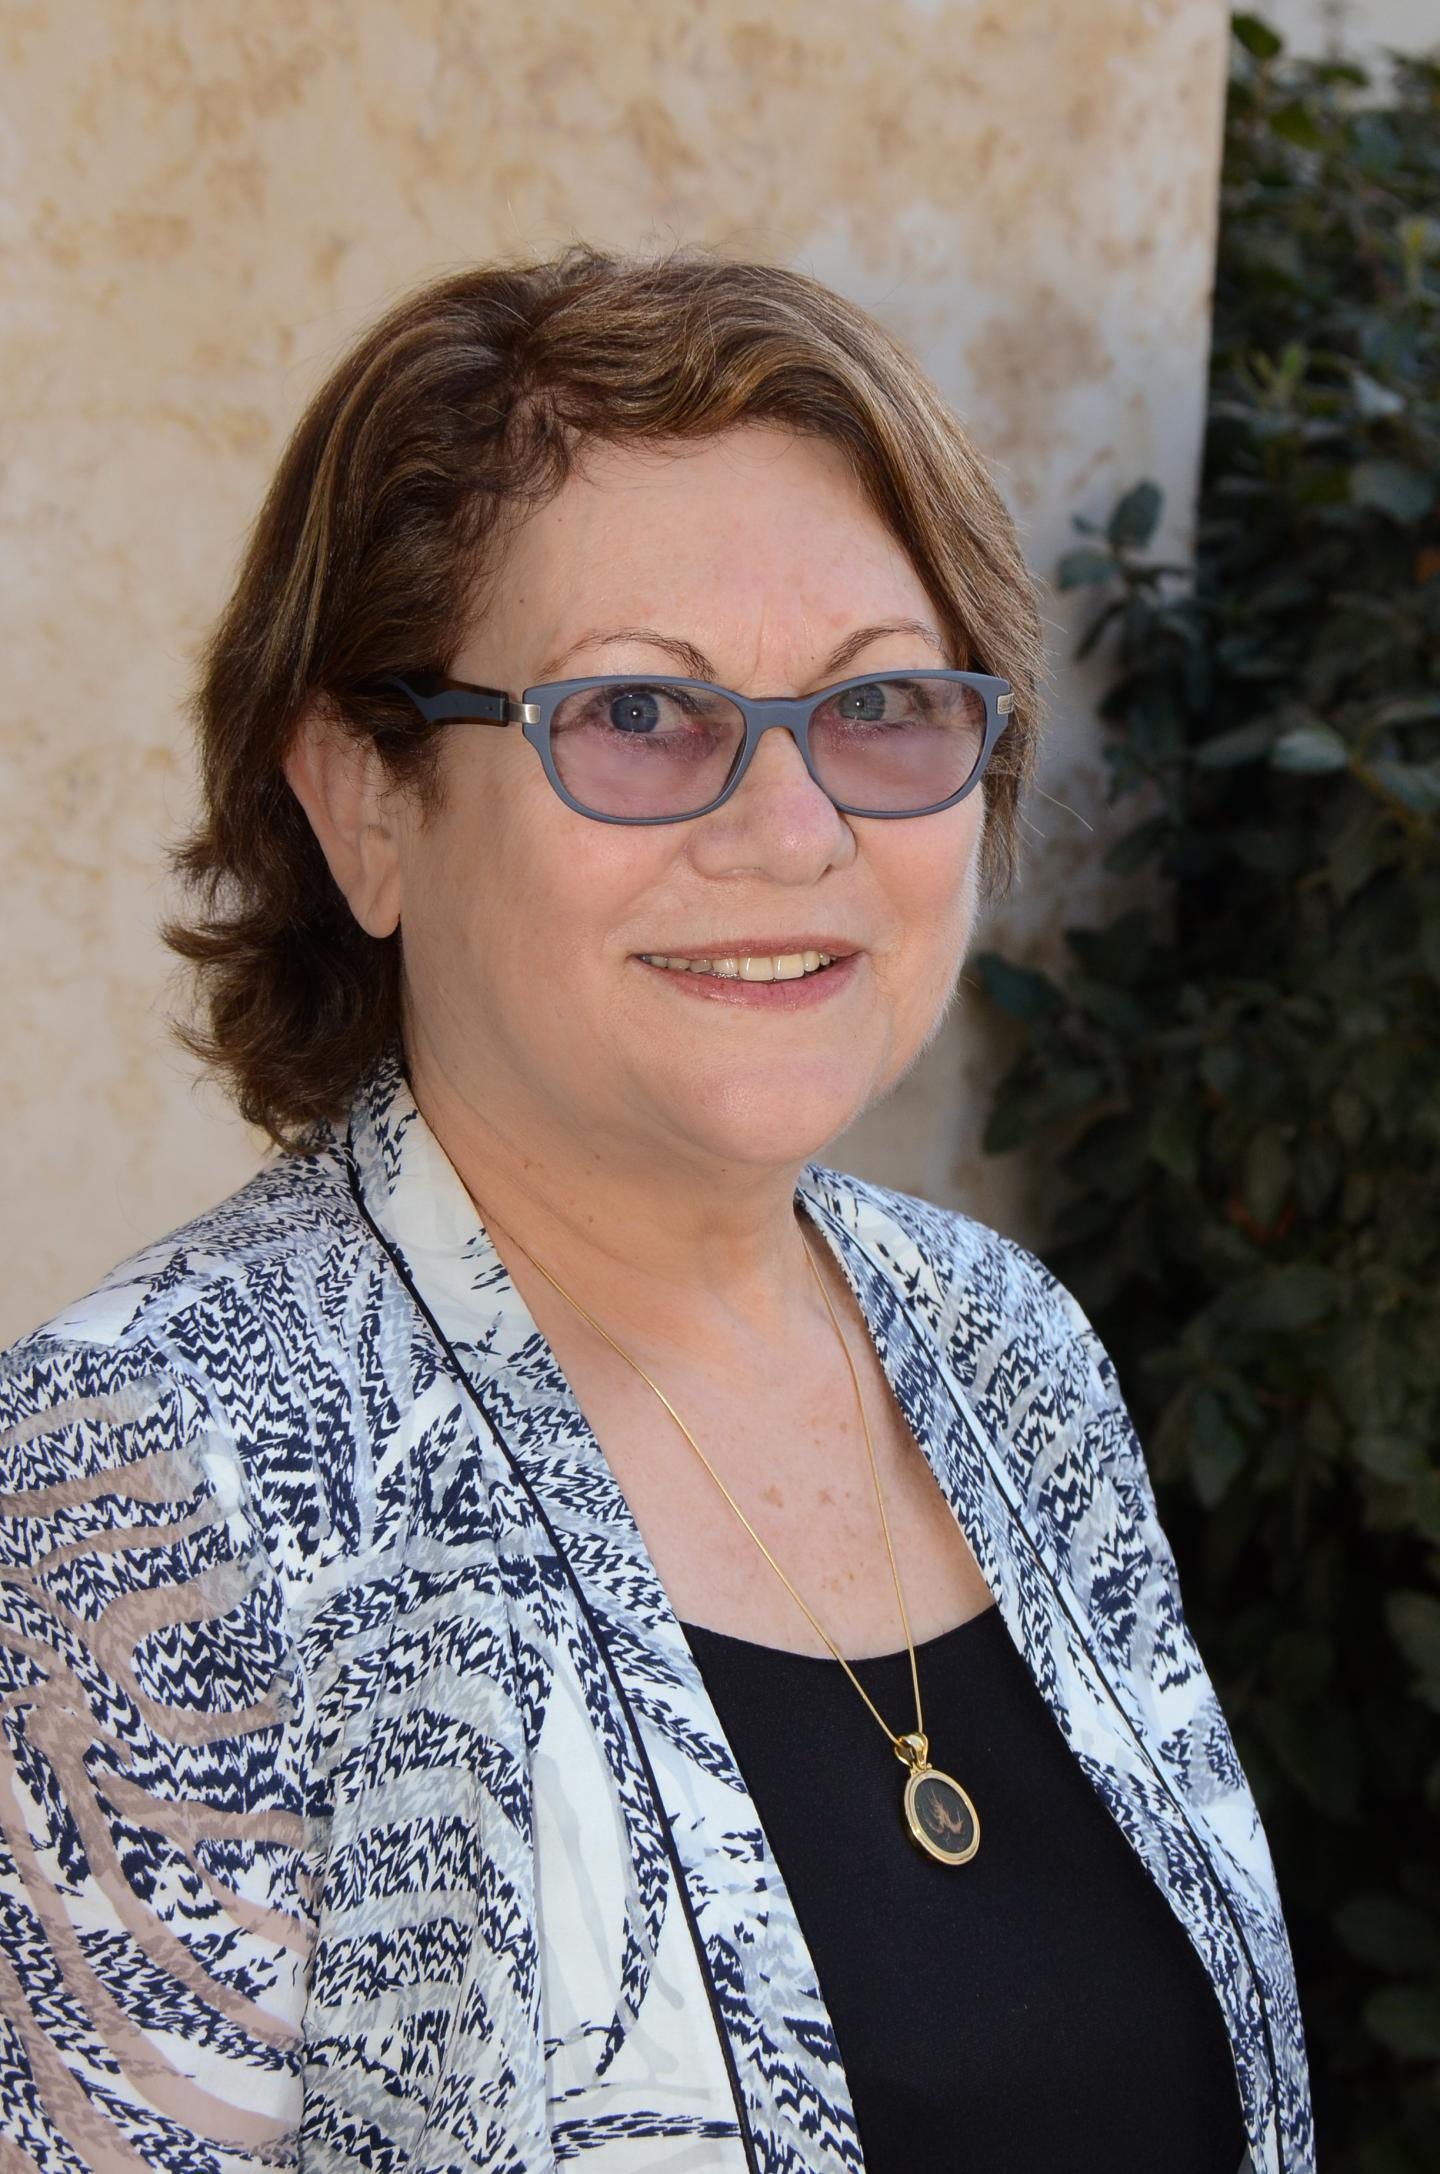 Hermona Soreq, Hebrew University